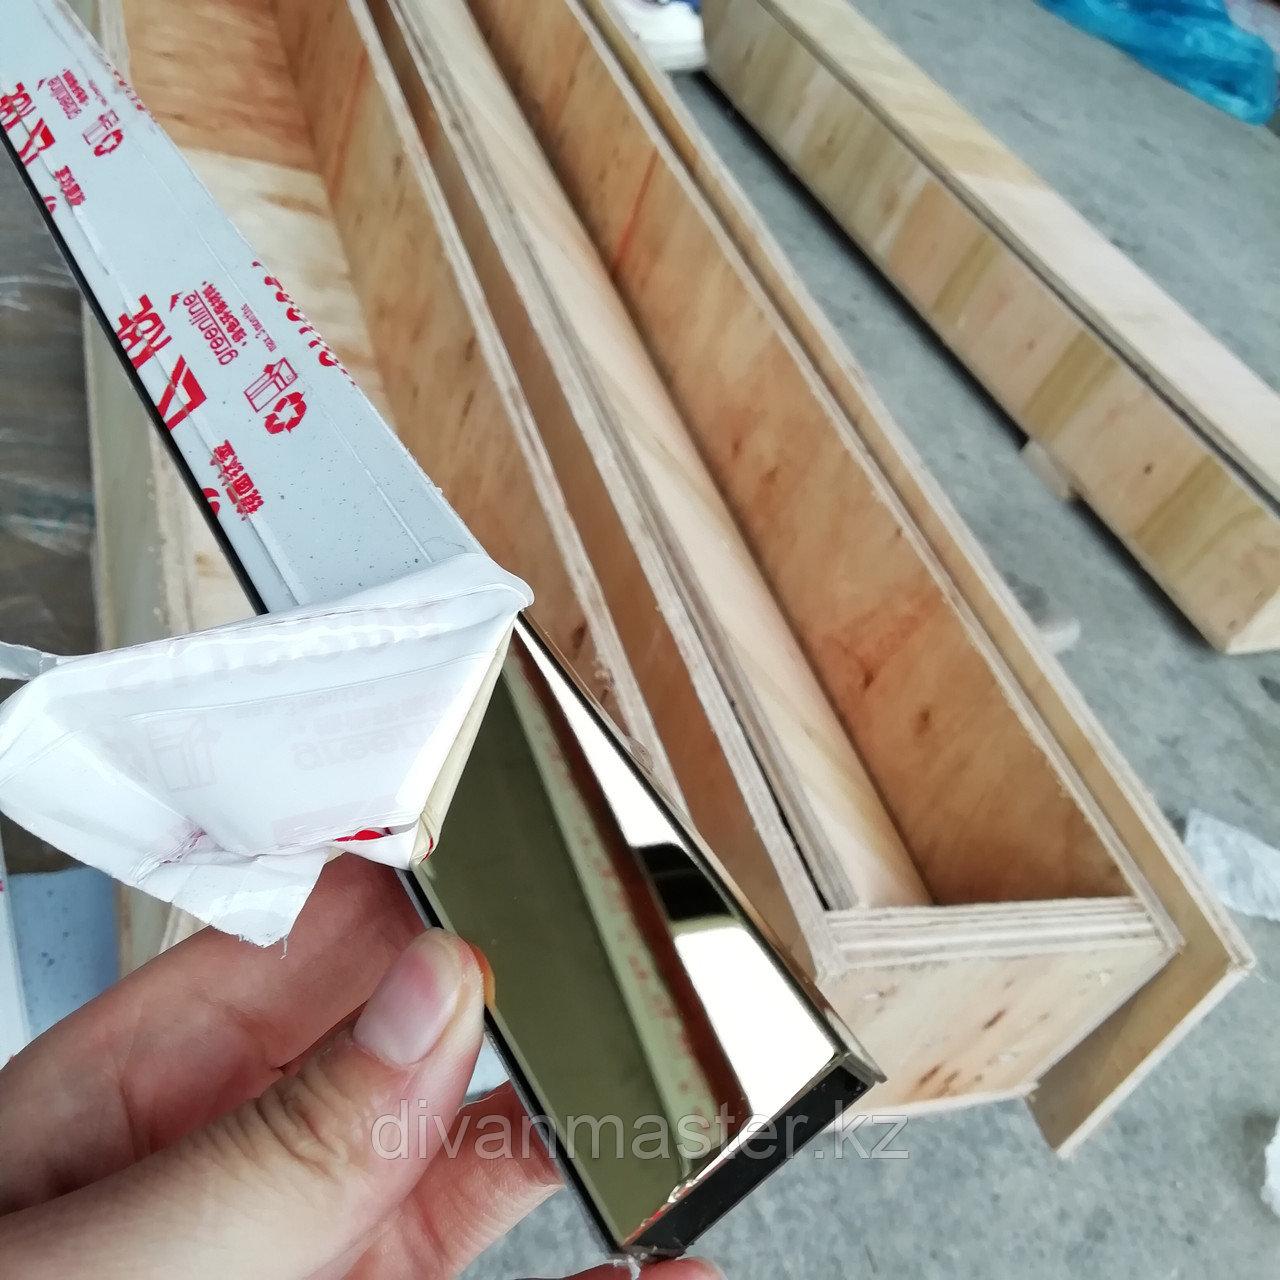 12*30 Профиль для декорирования мебели хром, 305 см